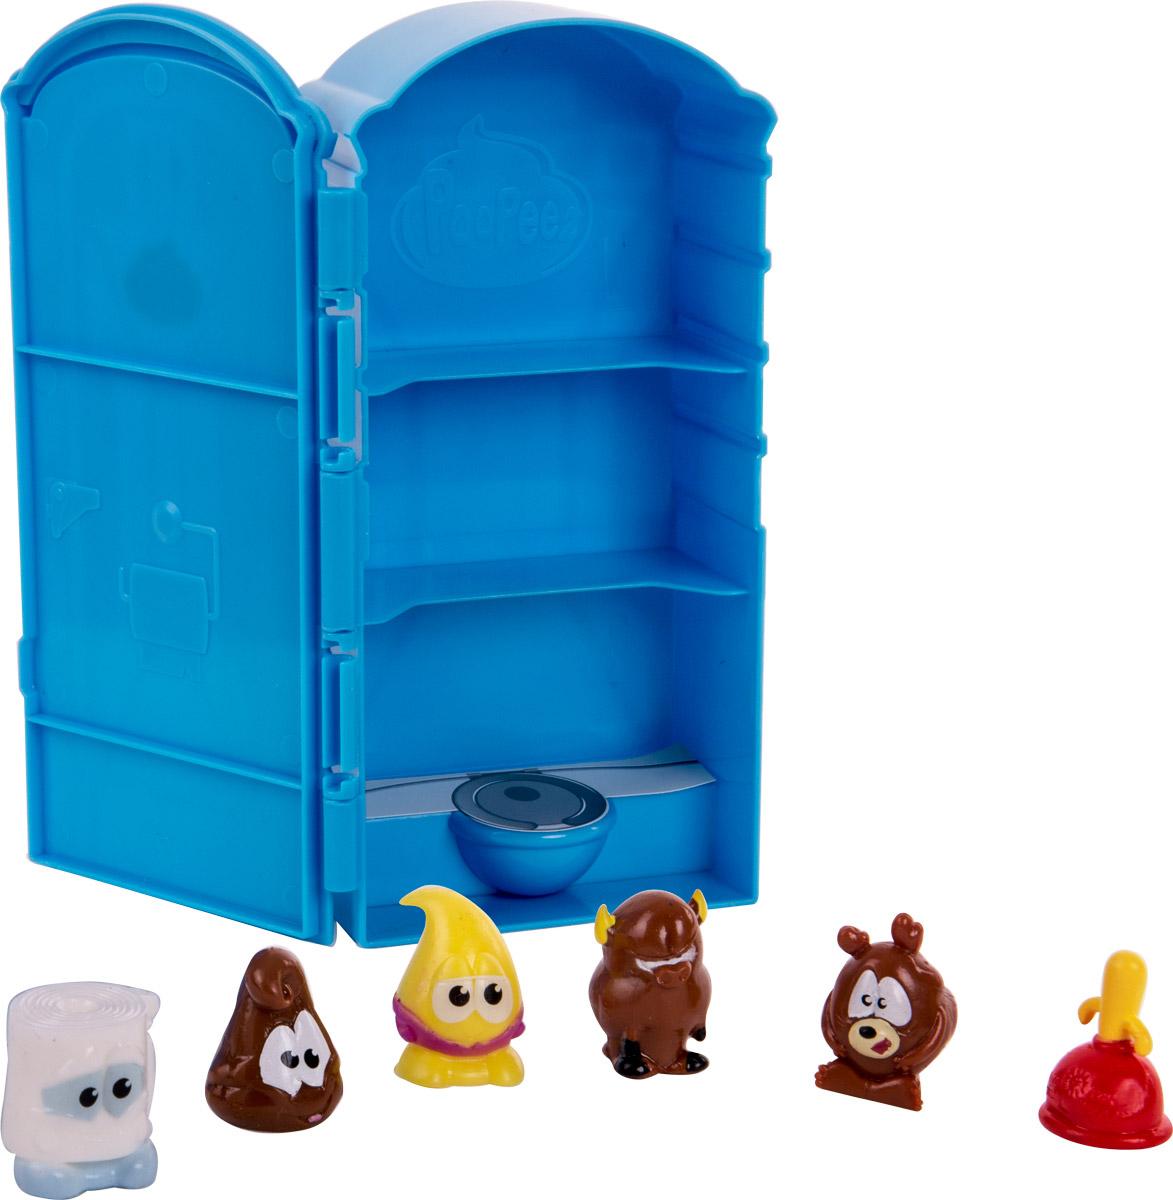 Poopeez Игровой набор Туалетная кабинка с фигурками71260В набор входит туалетная кабинка - бокс для хранения фигурок Poopeez и 6 фигурок Poopeez. Два персонажа - эксклюзивные!